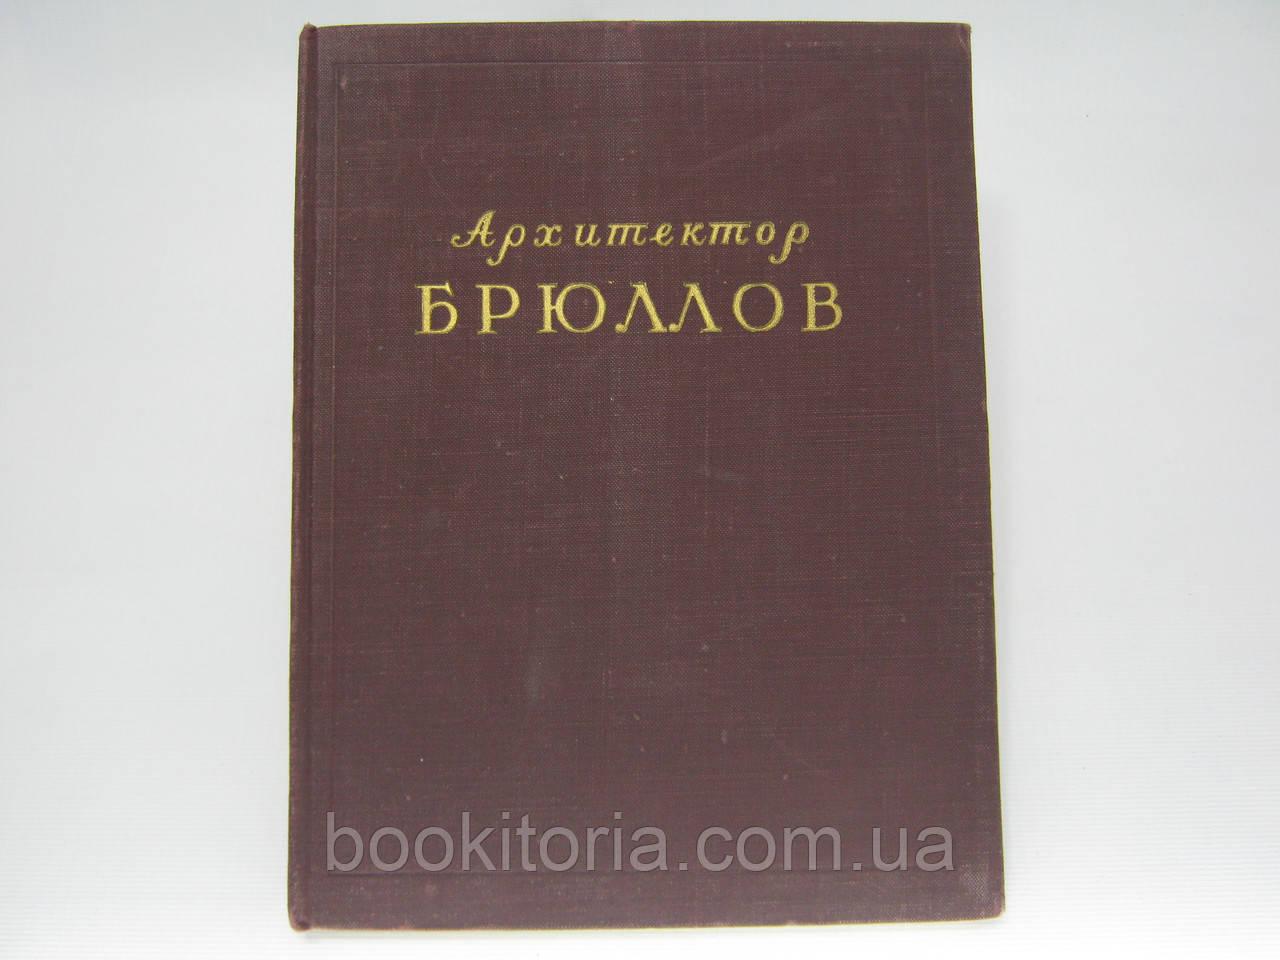 Оль Г.А. Архитектор Брюллов (б/у).